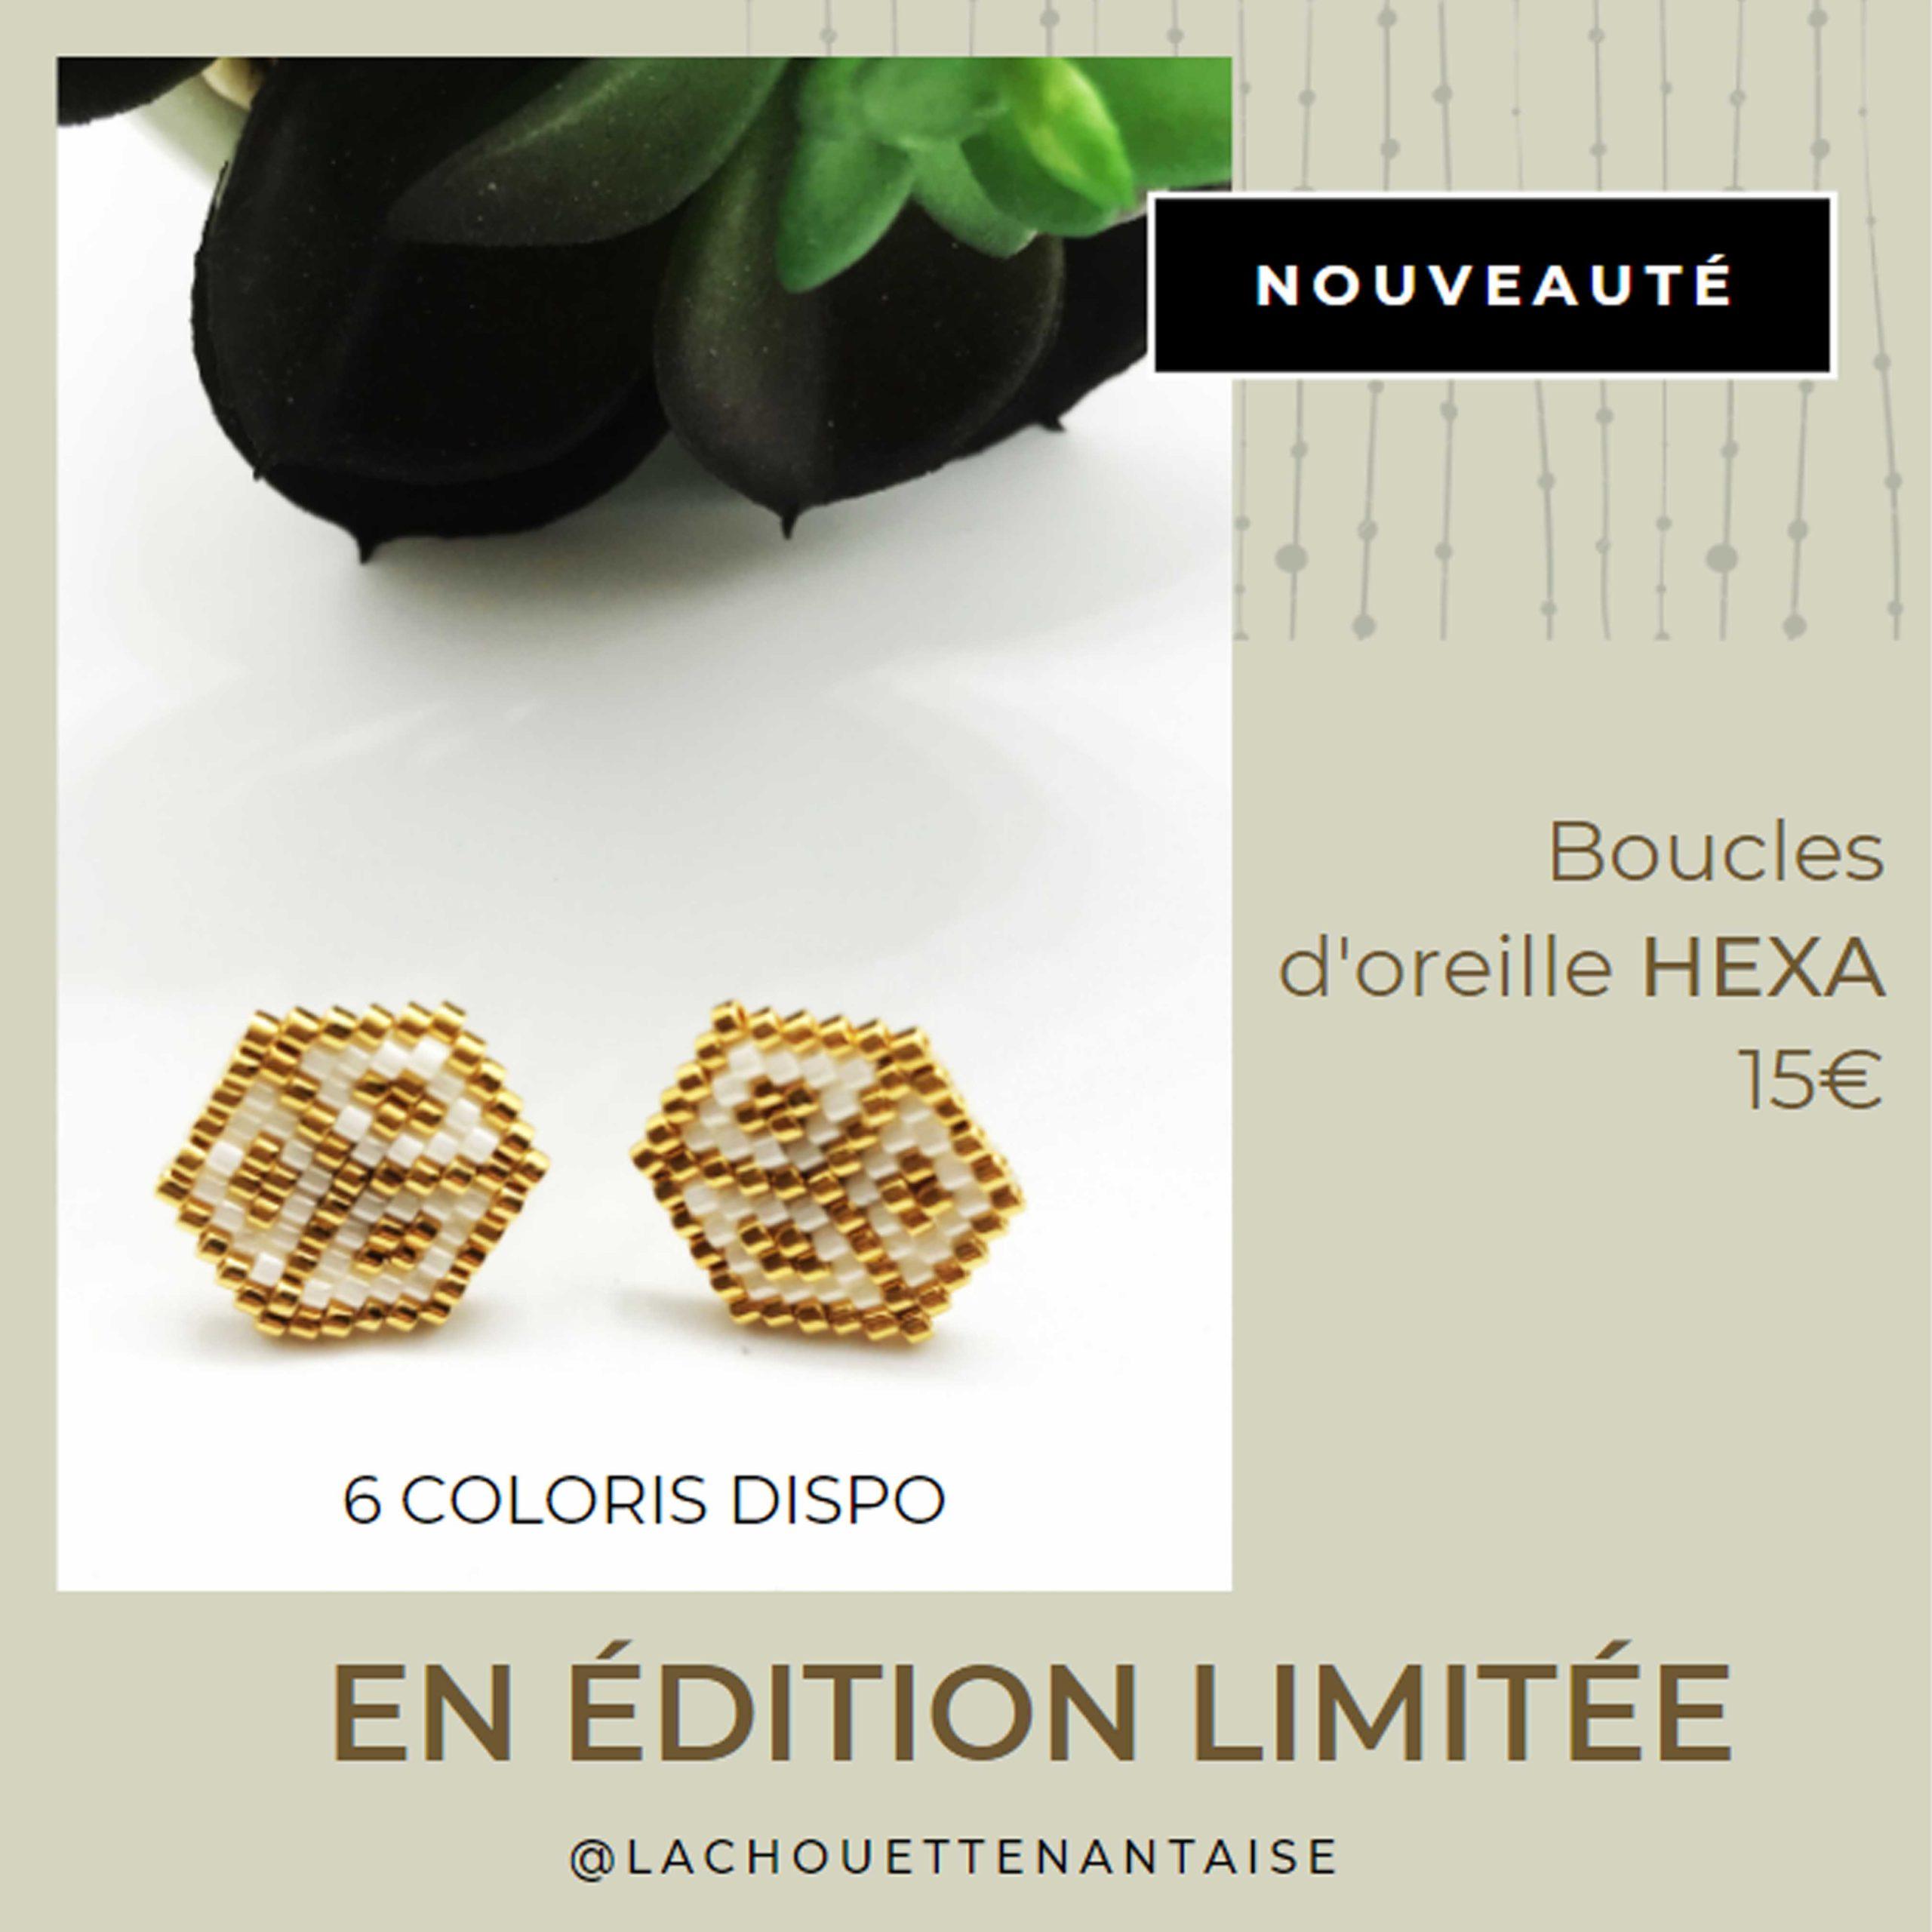 Publication Nouveautés – La Chouette Nantaise - Delphine PENGUILLY - agence marketing digital Nantes